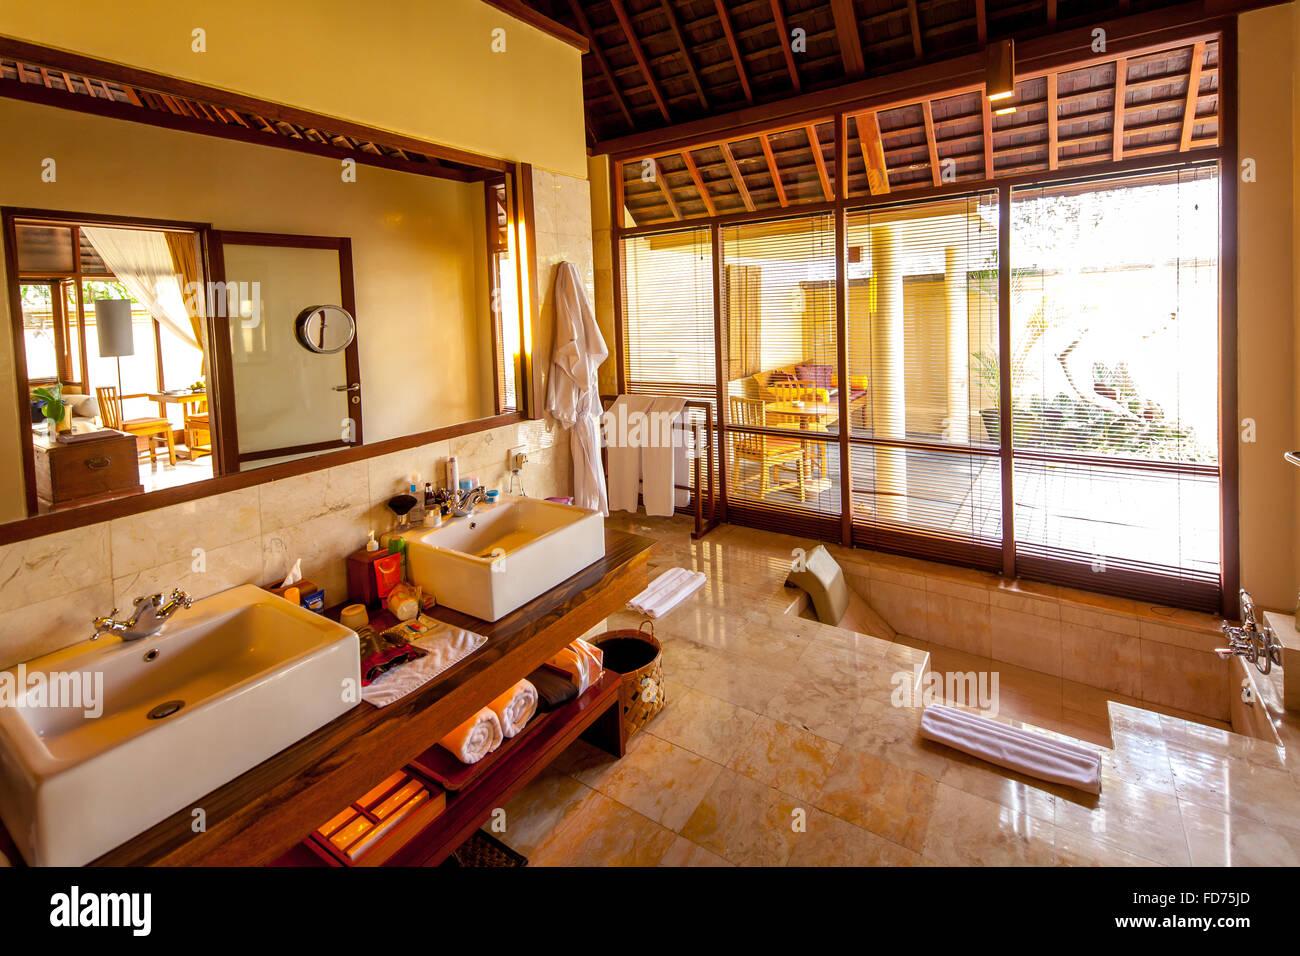 Cuarto de baño en un buen hotel, turismo, viajes, Ubud, Bali, Indonesia, Asia Imagen De Stock